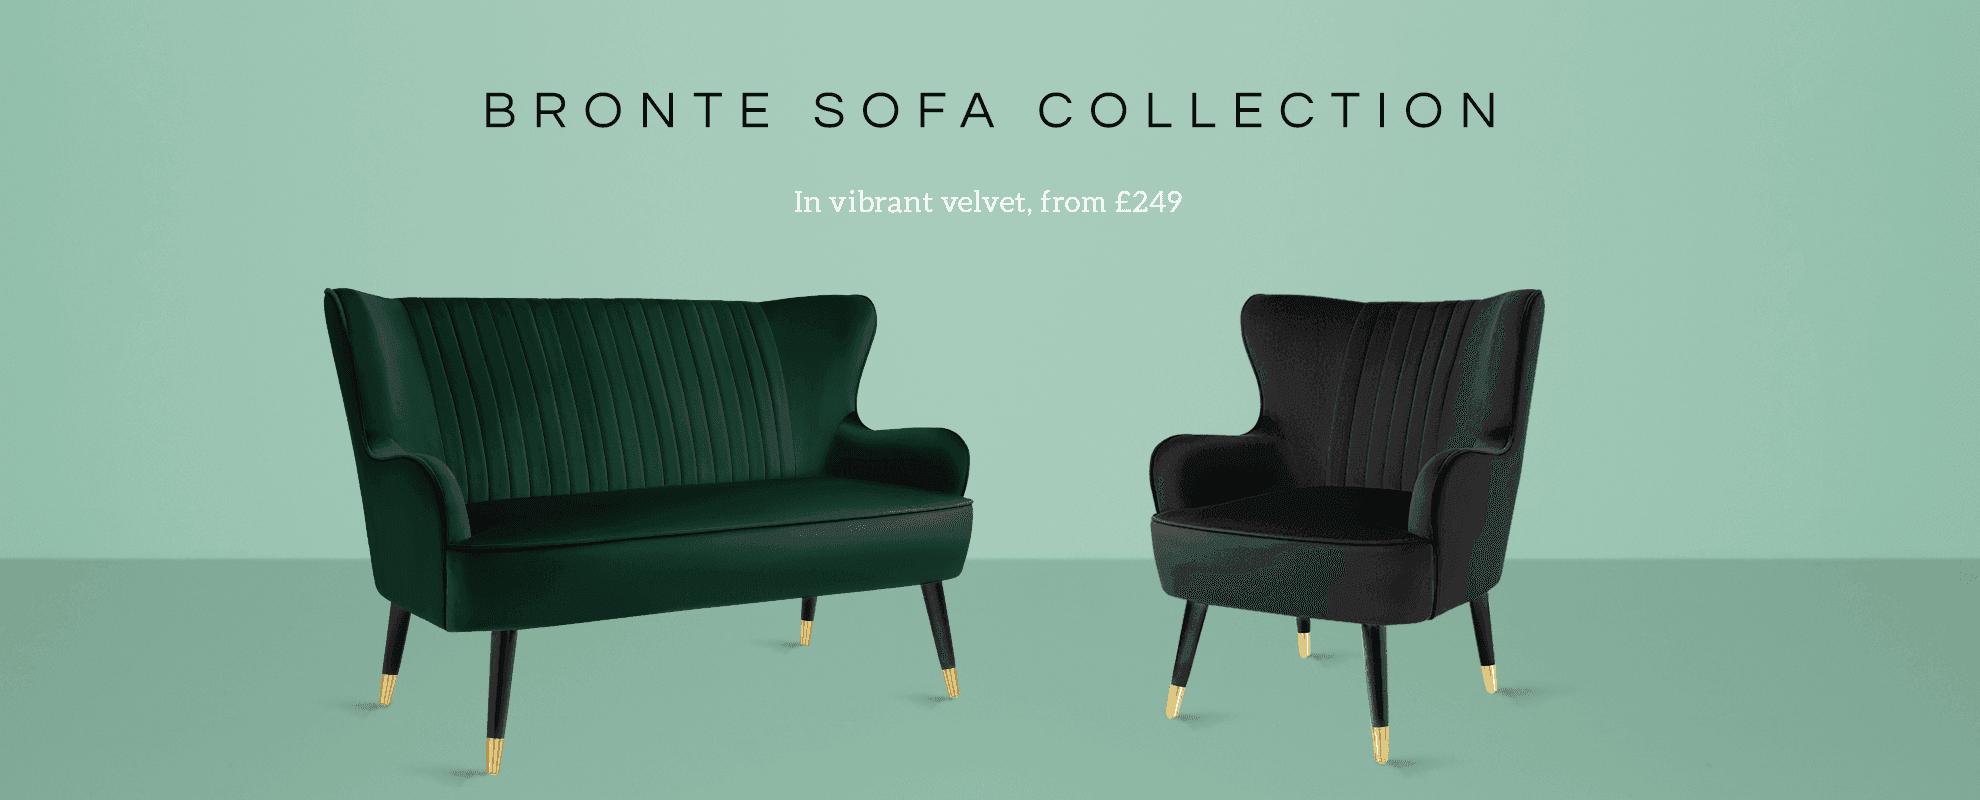 Bronte Sofa